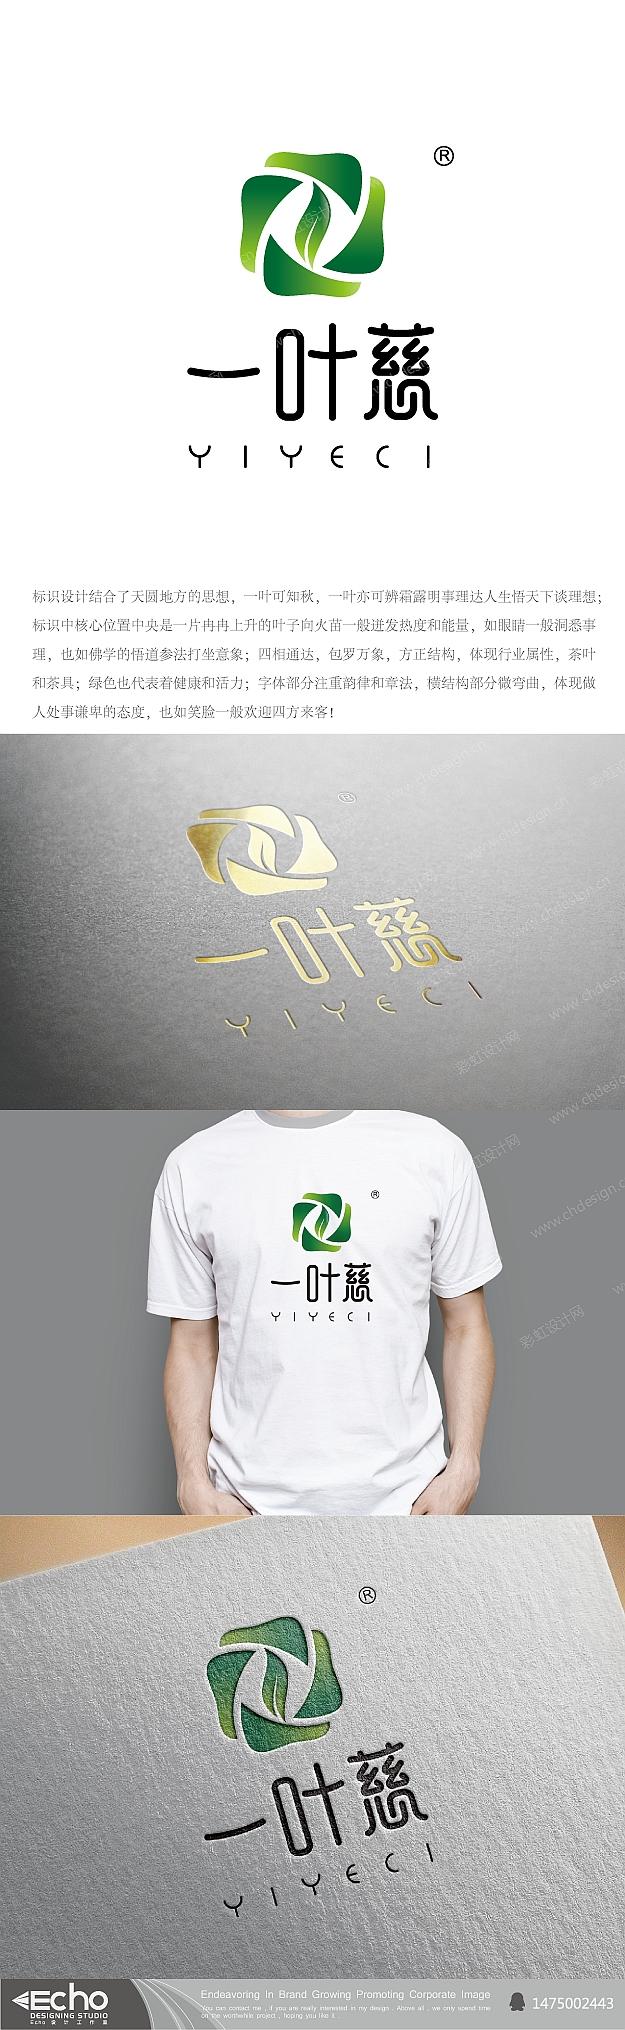 一叶慈品牌logo方案